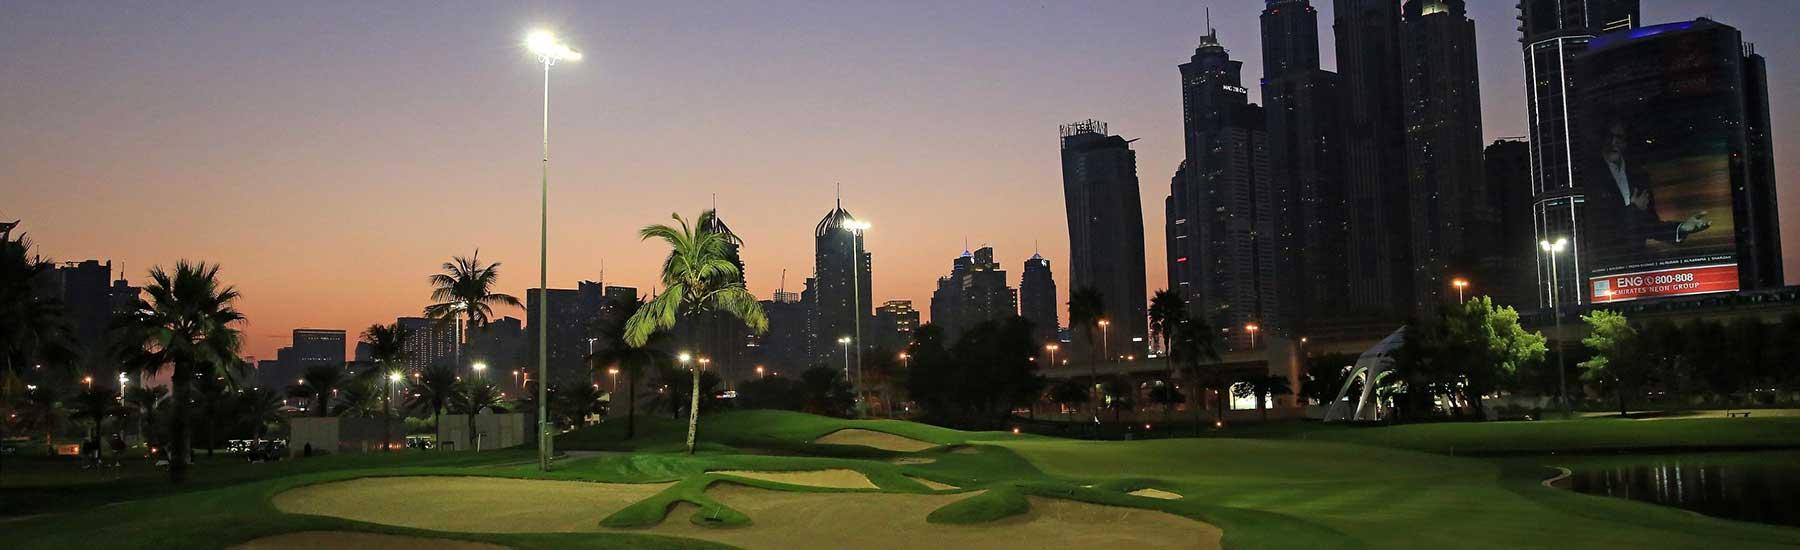 Night Golf: Dubai Moonlight Classic